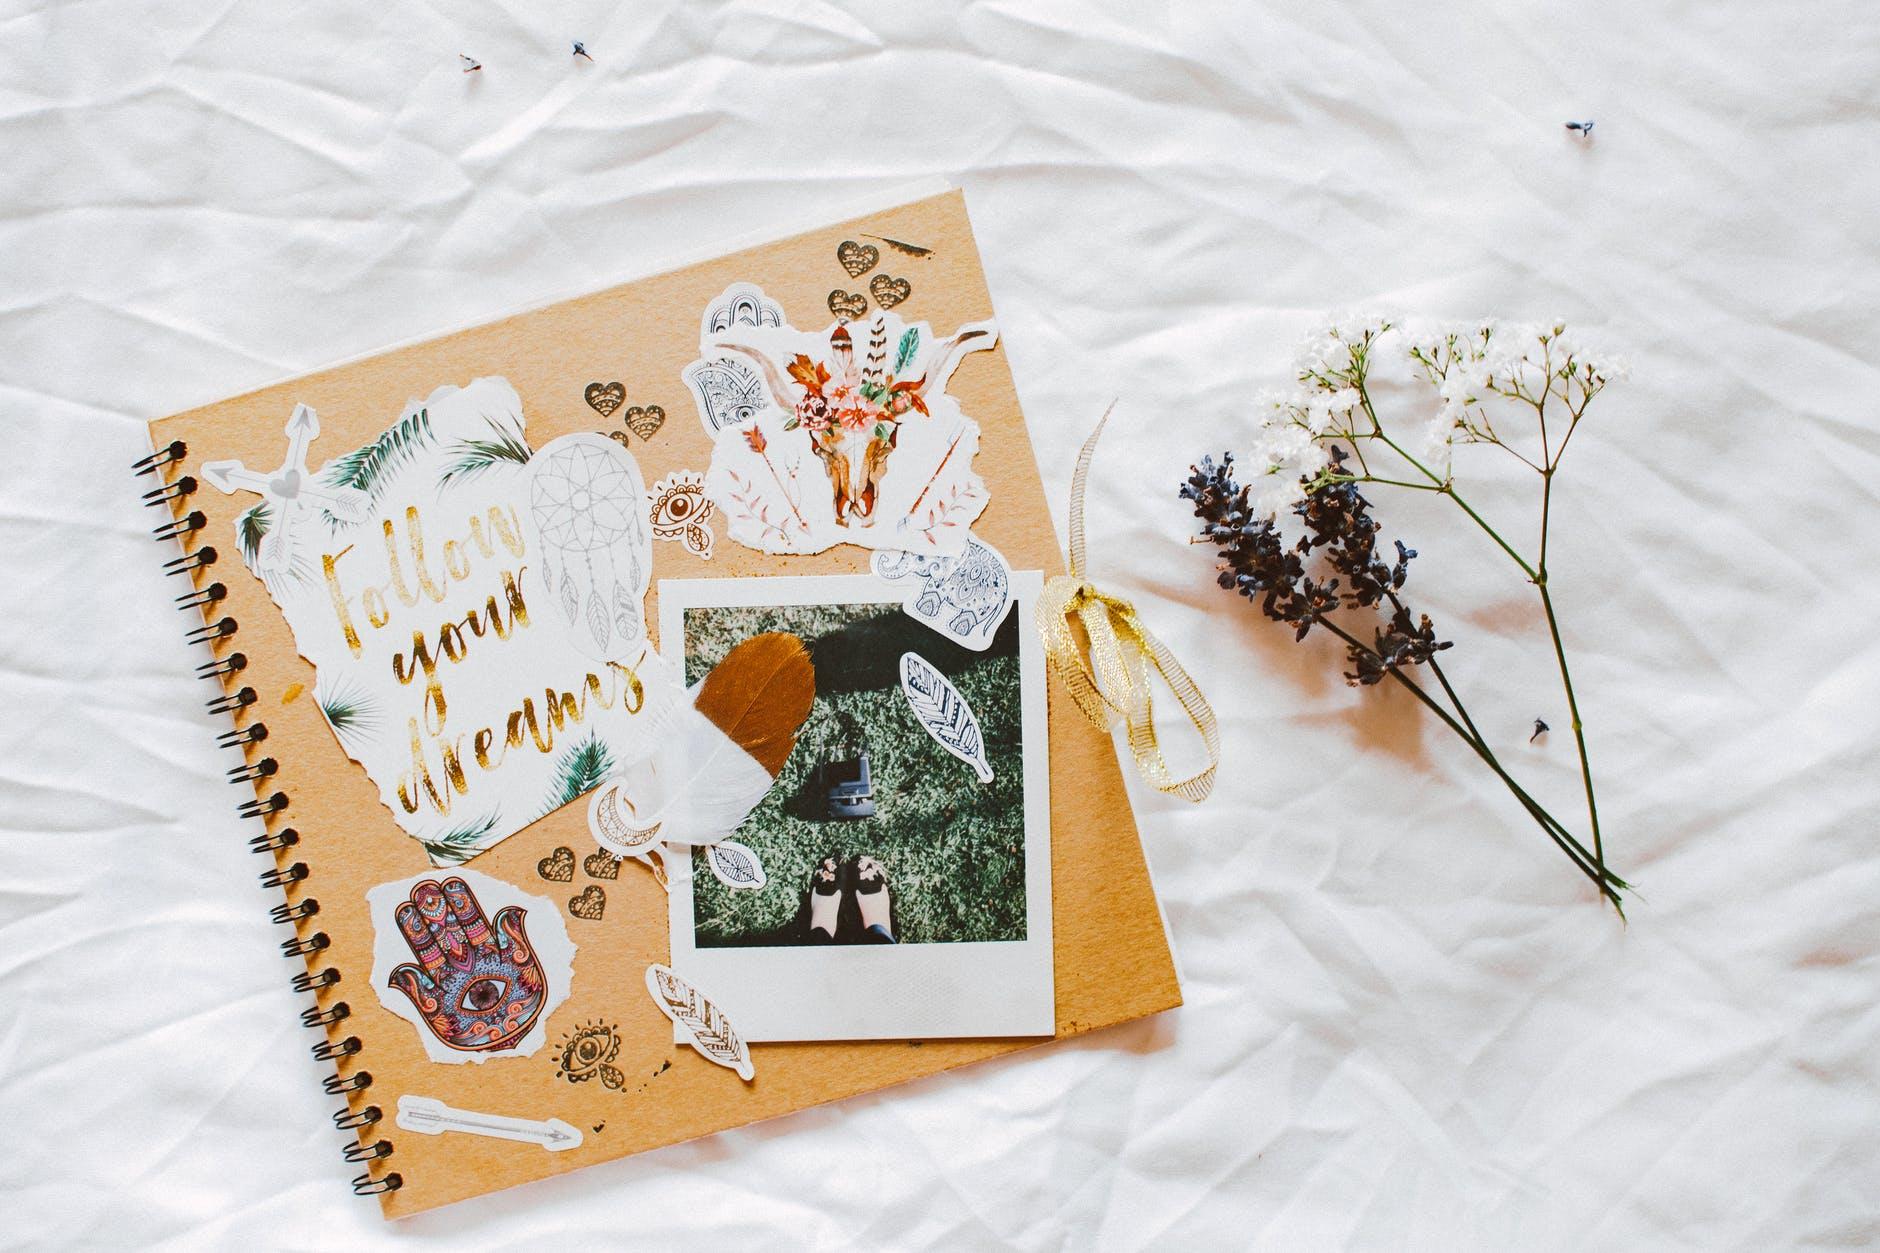 Vyrobte si scrapbookové album jako vzpomínku na zážitky z cest